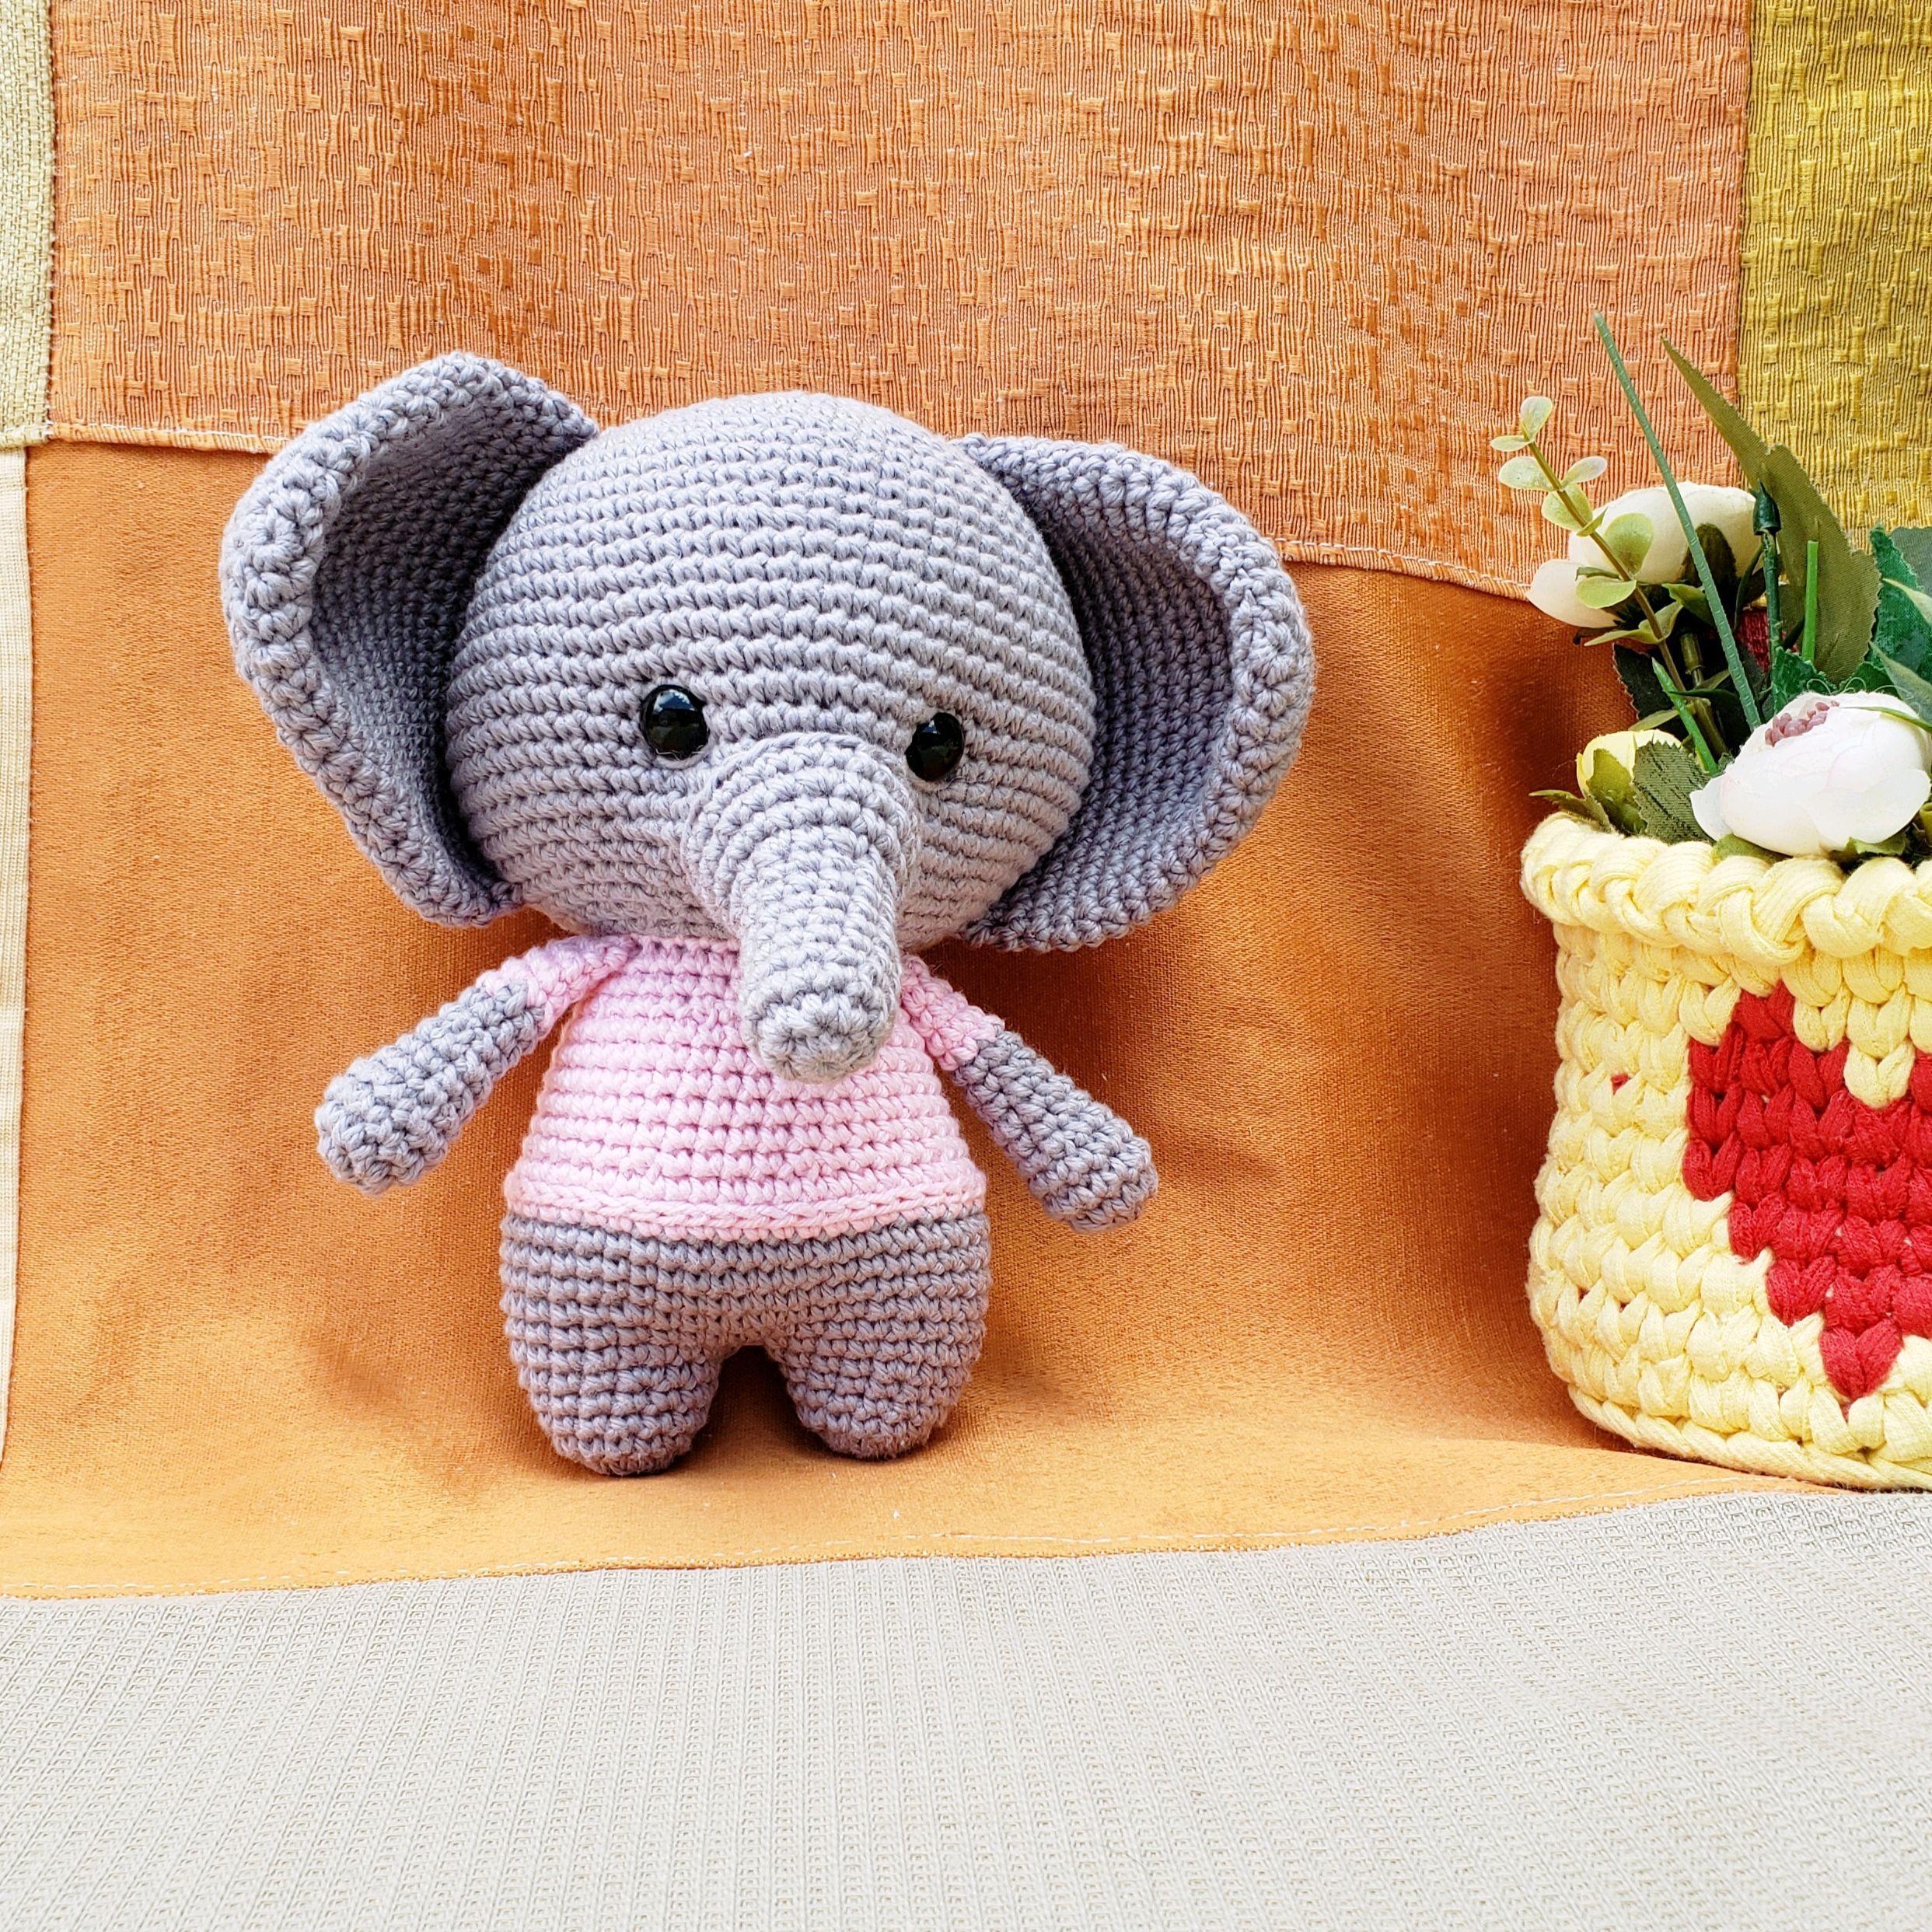 PATRON GRATIS ELEFANTES AMIGURUMI 13664   Elefantes amigurumi ...   2485x2485